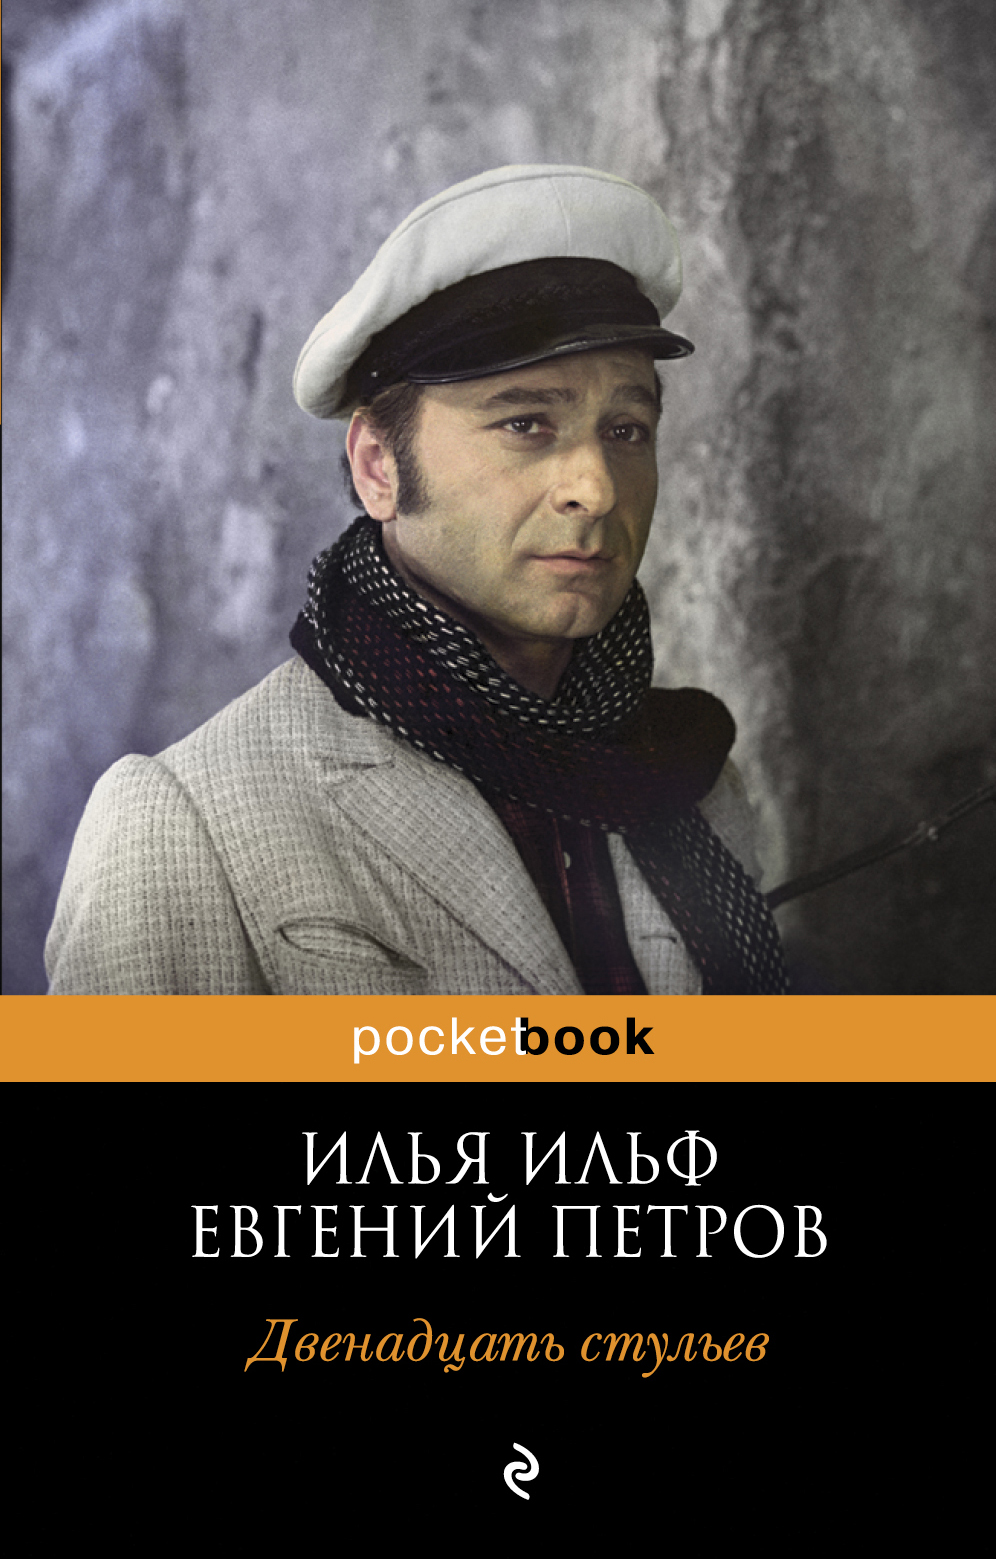 Юмор юмористическая литература Читать книги онлайн